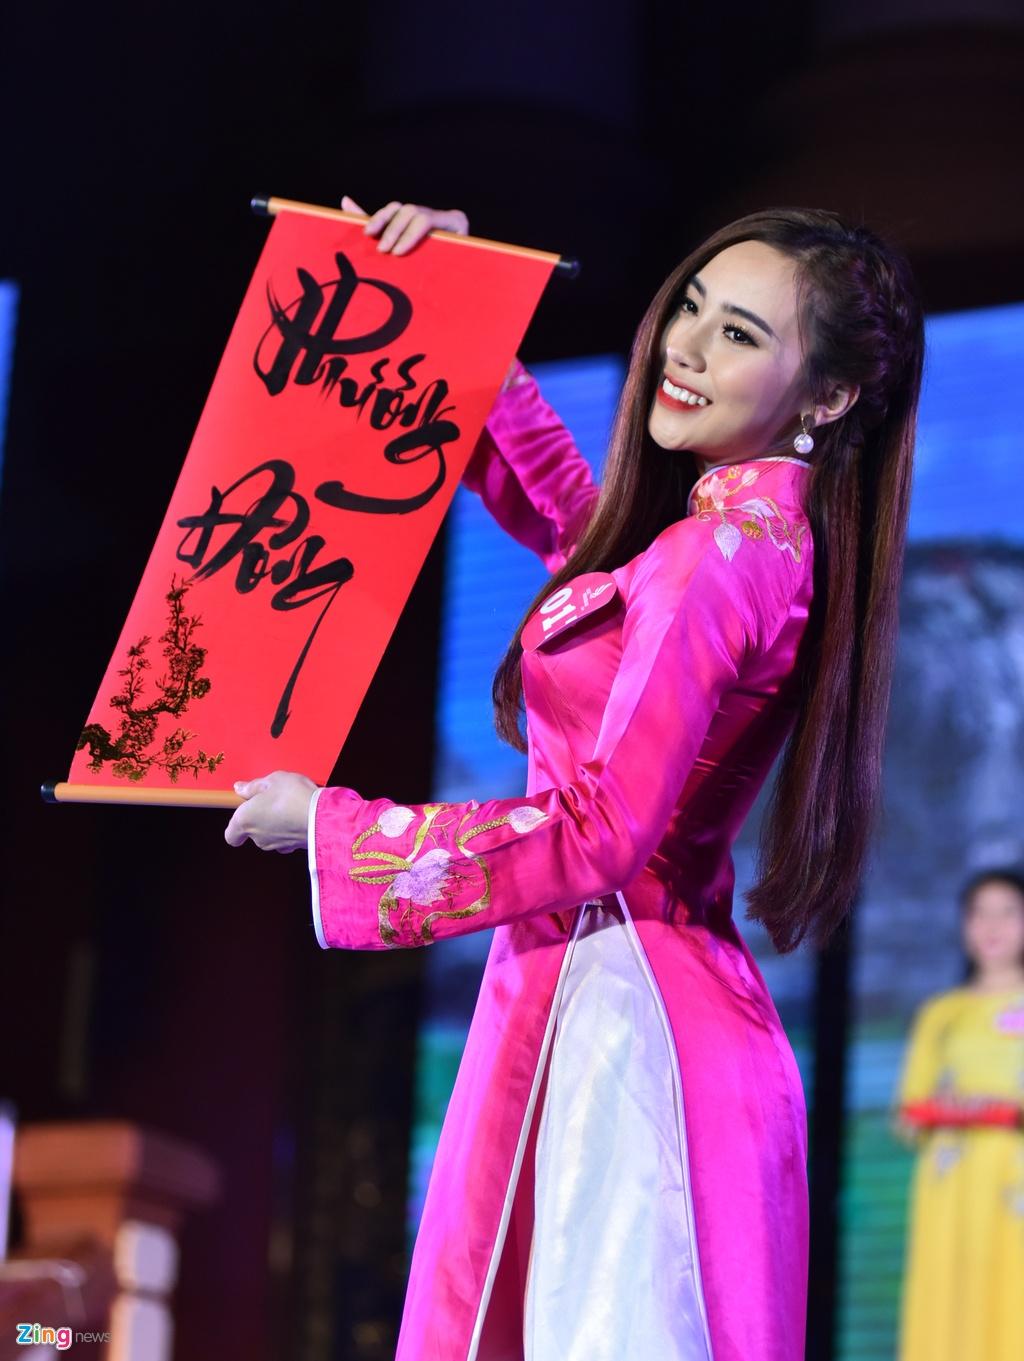 Dai hoc Phuong Dong tim ra cap sinh vien dep nhat truong hinh anh 3